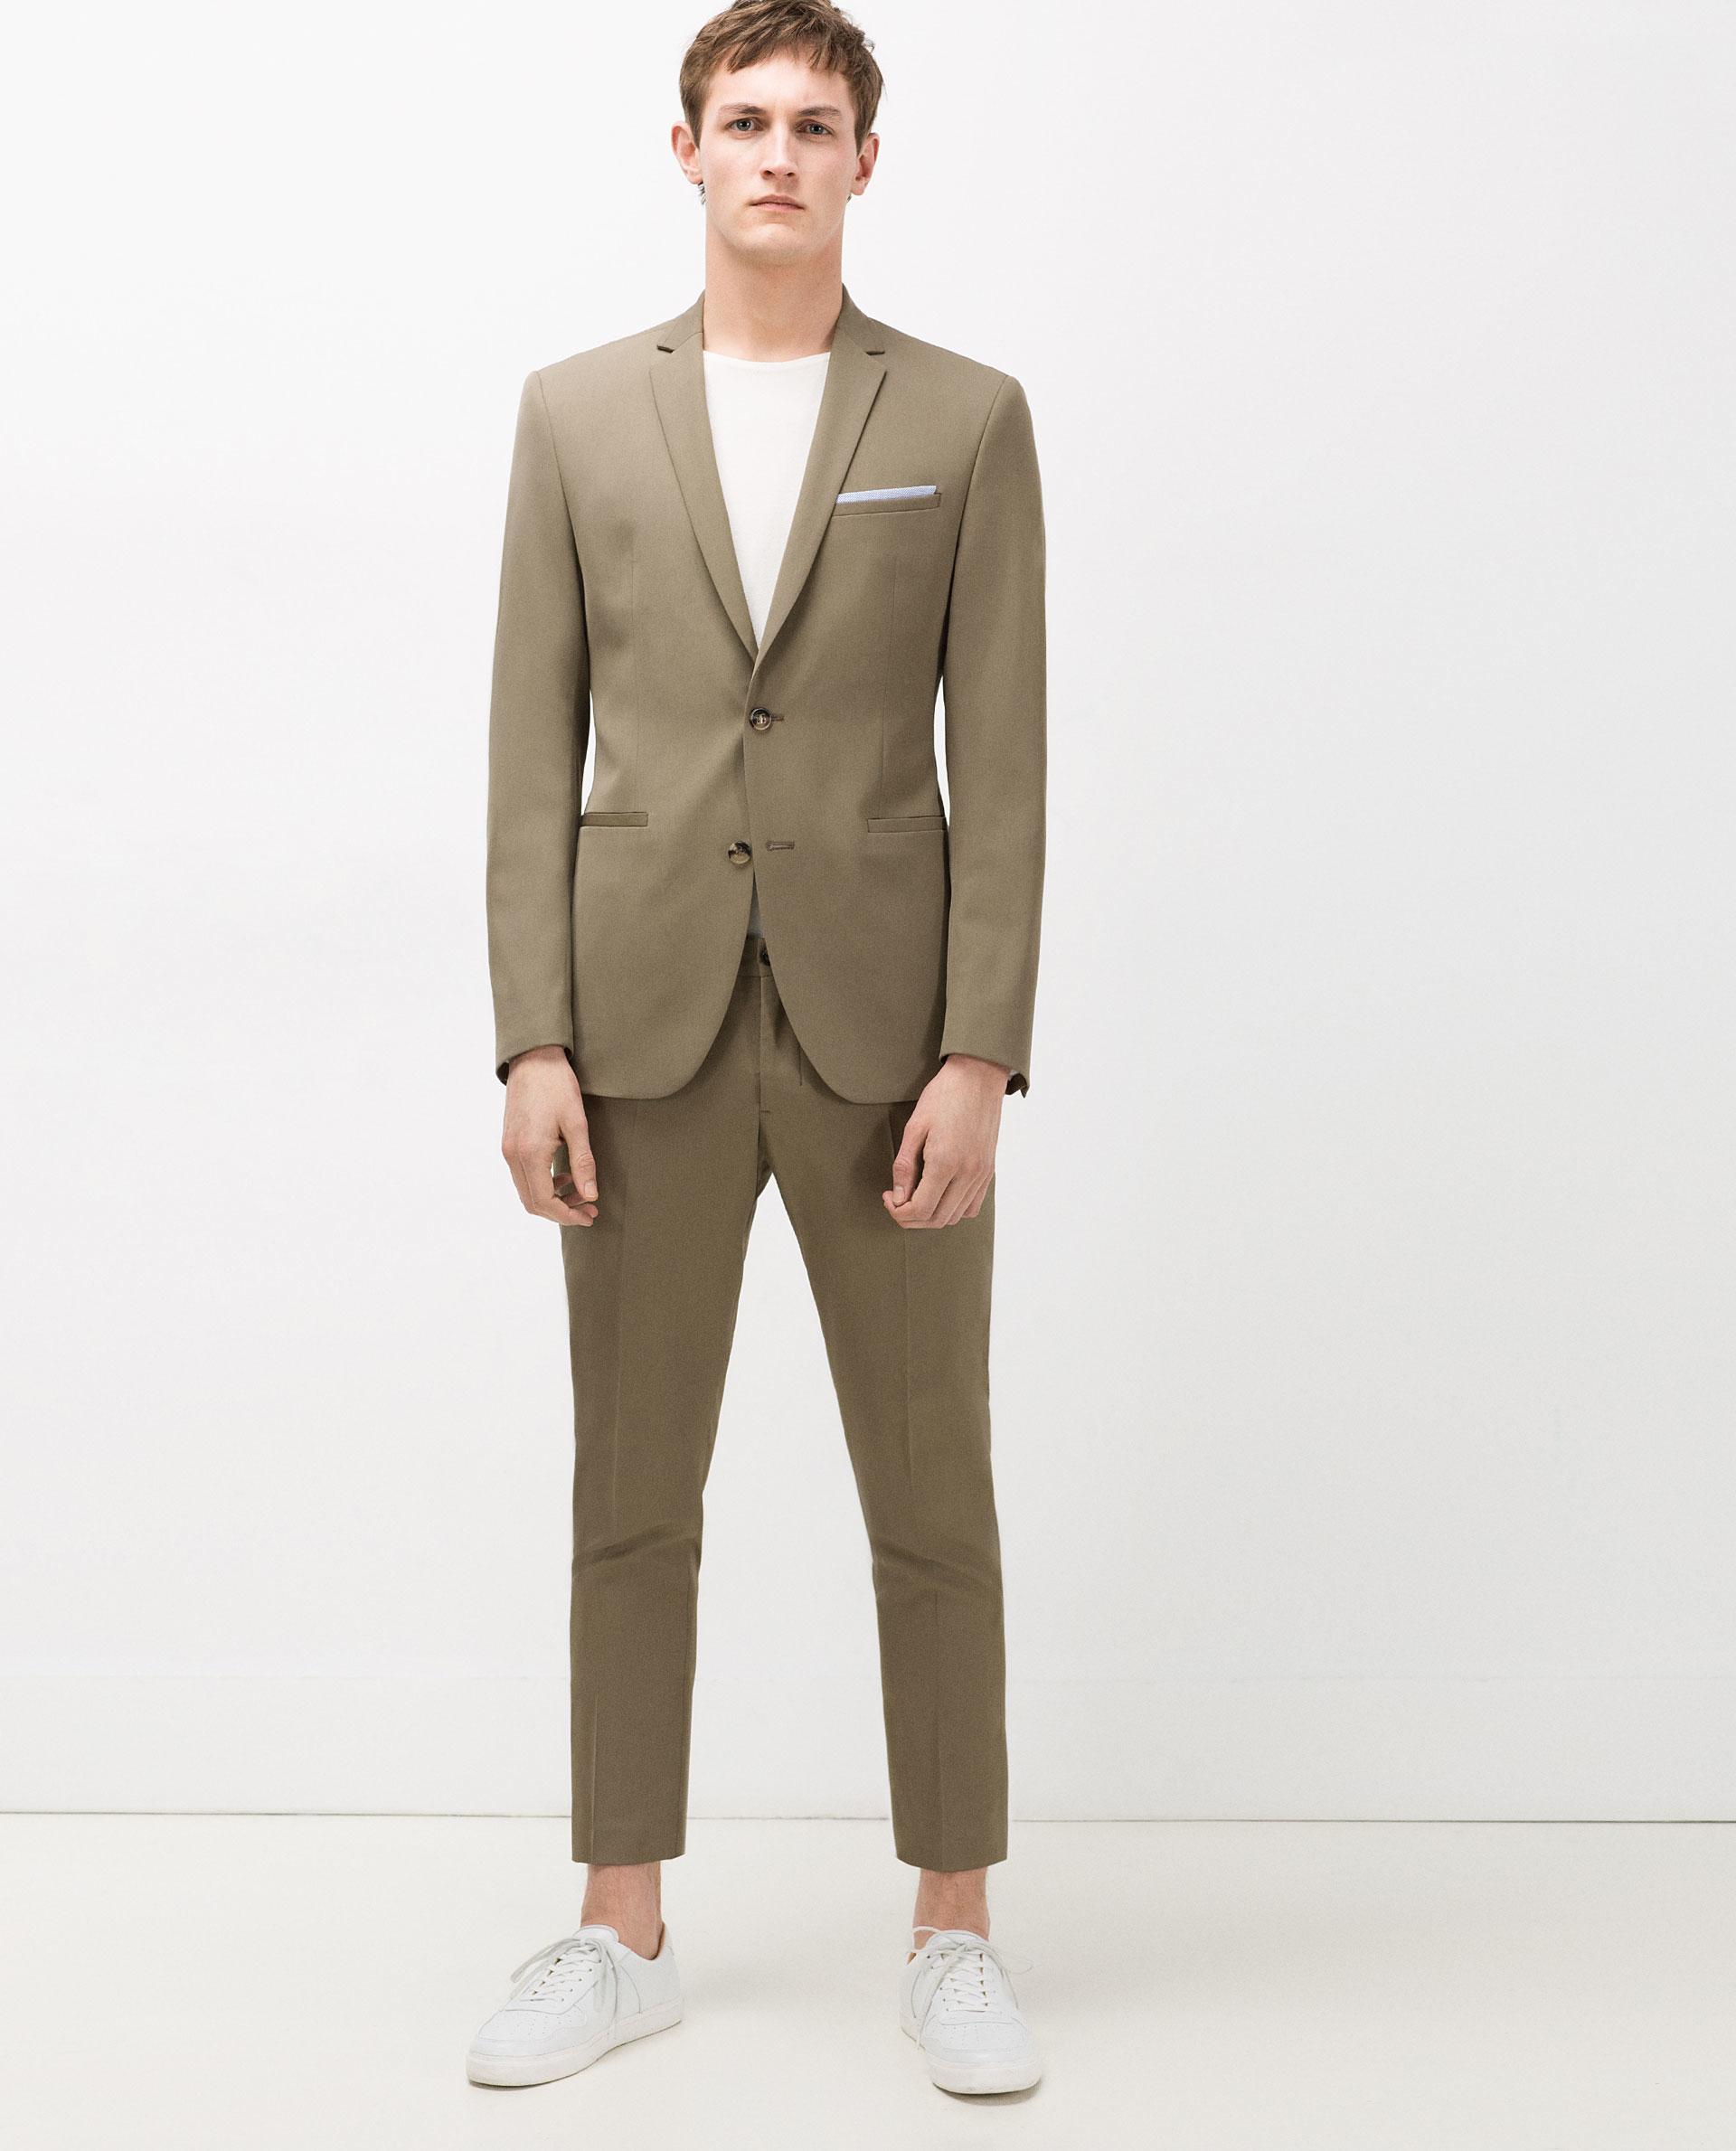 zara khaki suit blazer in natural for men lyst. Black Bedroom Furniture Sets. Home Design Ideas